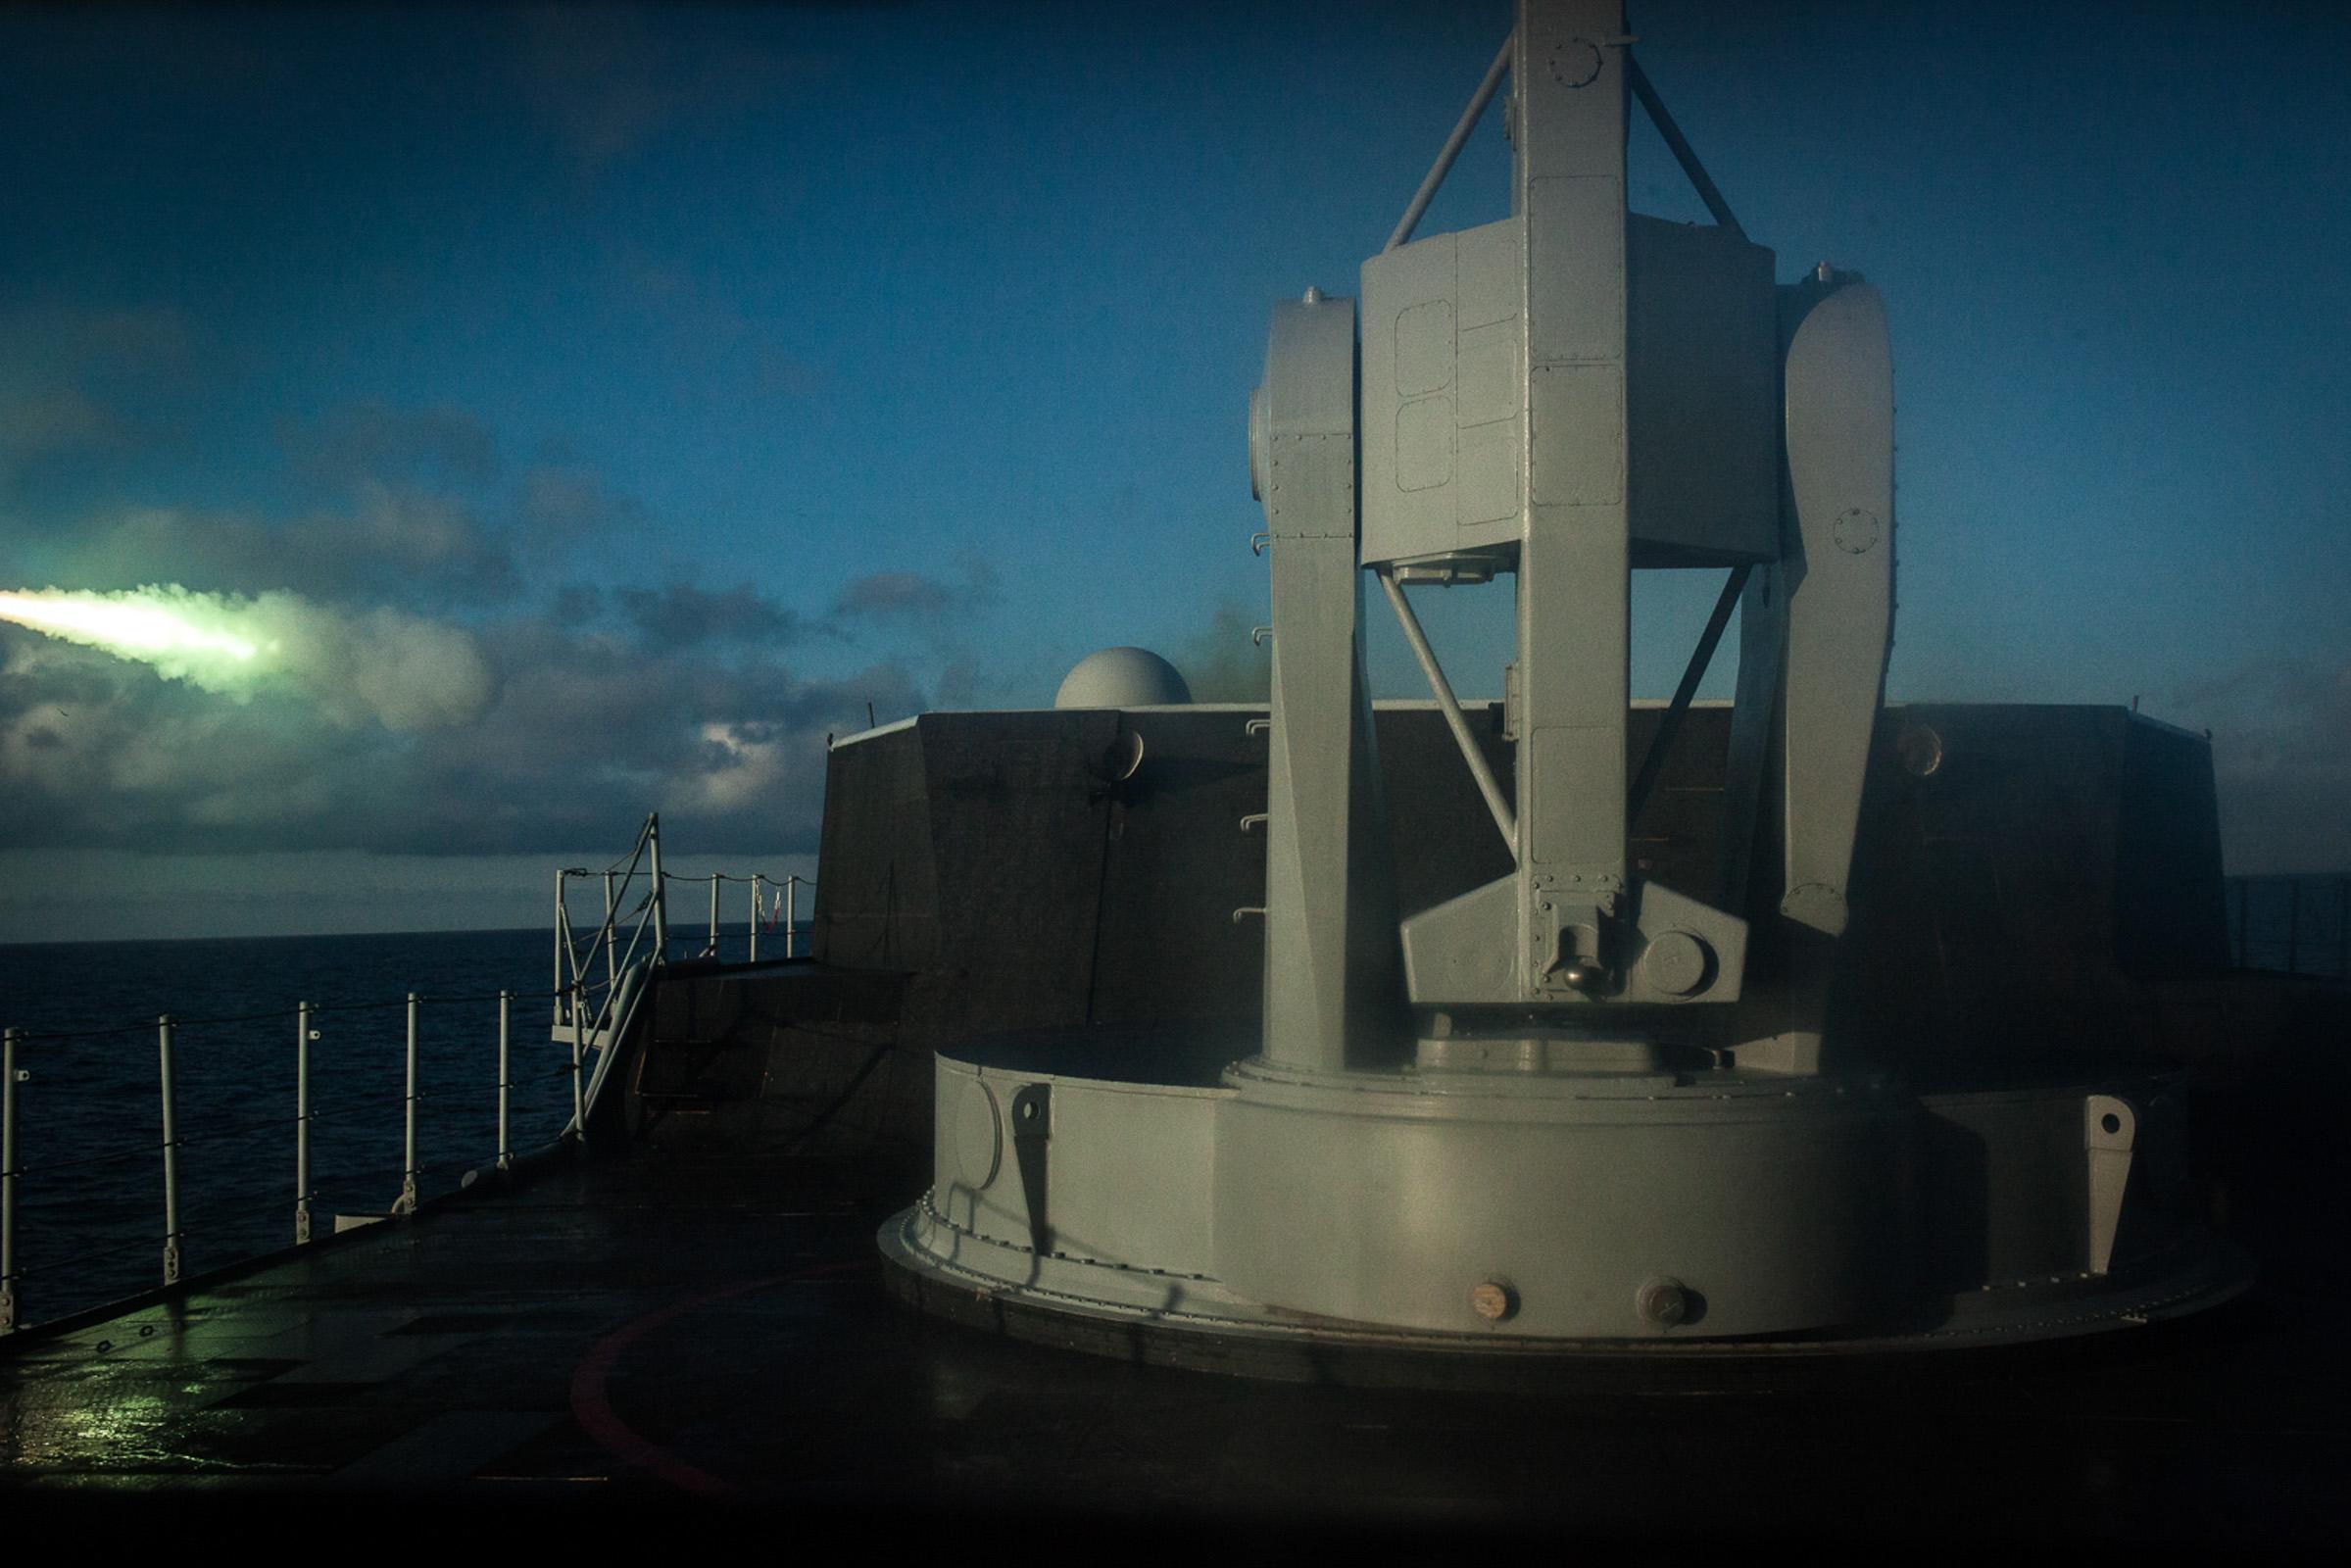 """Mer méditerrannée, 02.12.2015. Exercices interarmées à bord de la frégate anti-aérienne le """"Jean bart"""". Ces exercices incluent des tirs à balles réelles sur des drones et des cibles en mer. Tir d'un missile mistral."""